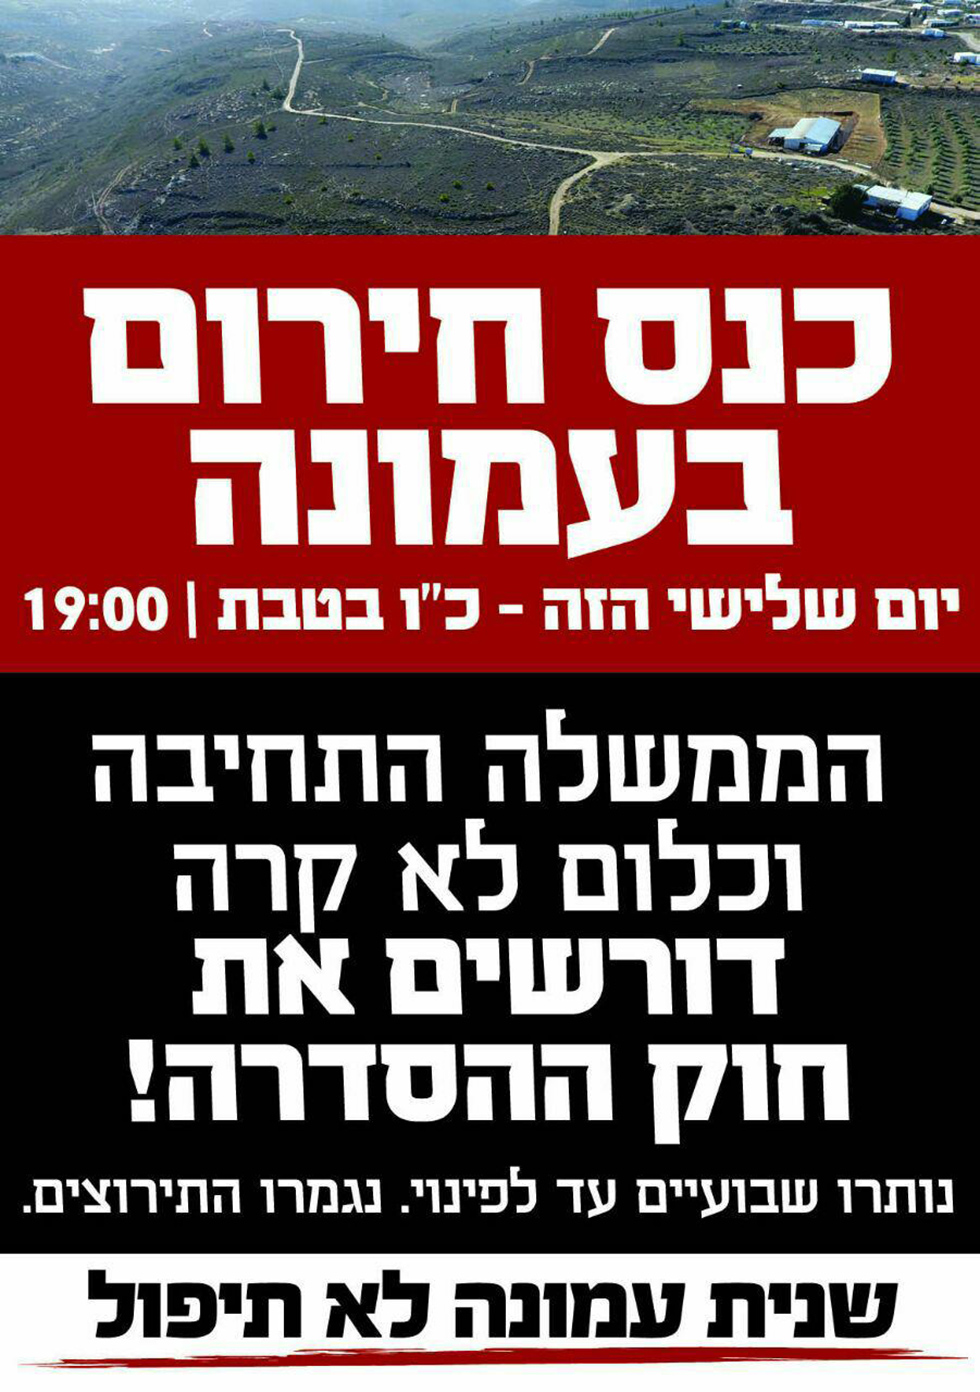 ההזמנה שהופצה להפגנה ()